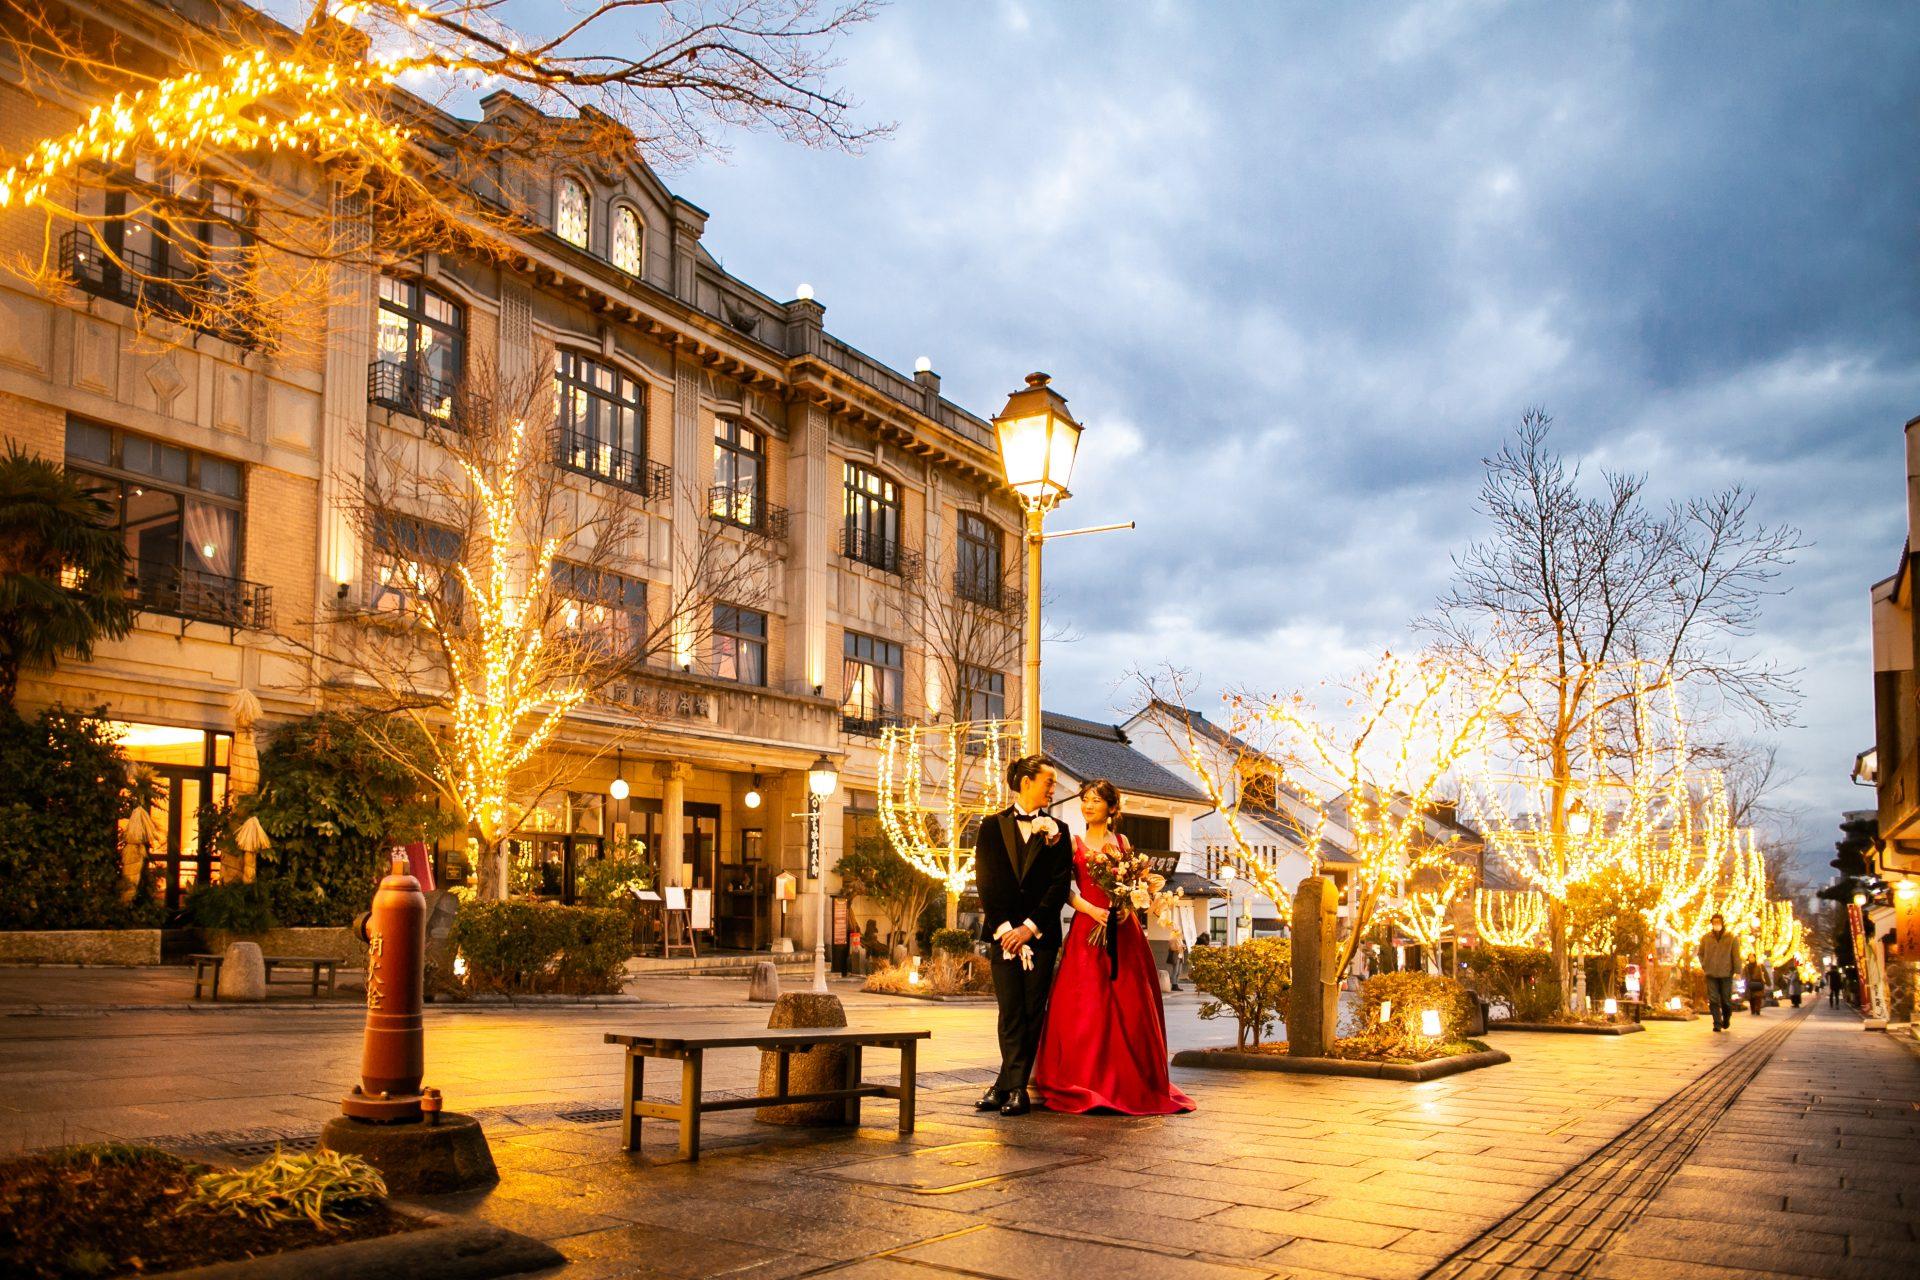 善光寺の門前町で幻想的な夜景が魅力的な結婚式に映えるTHE TREAT DRESSINGの衣装